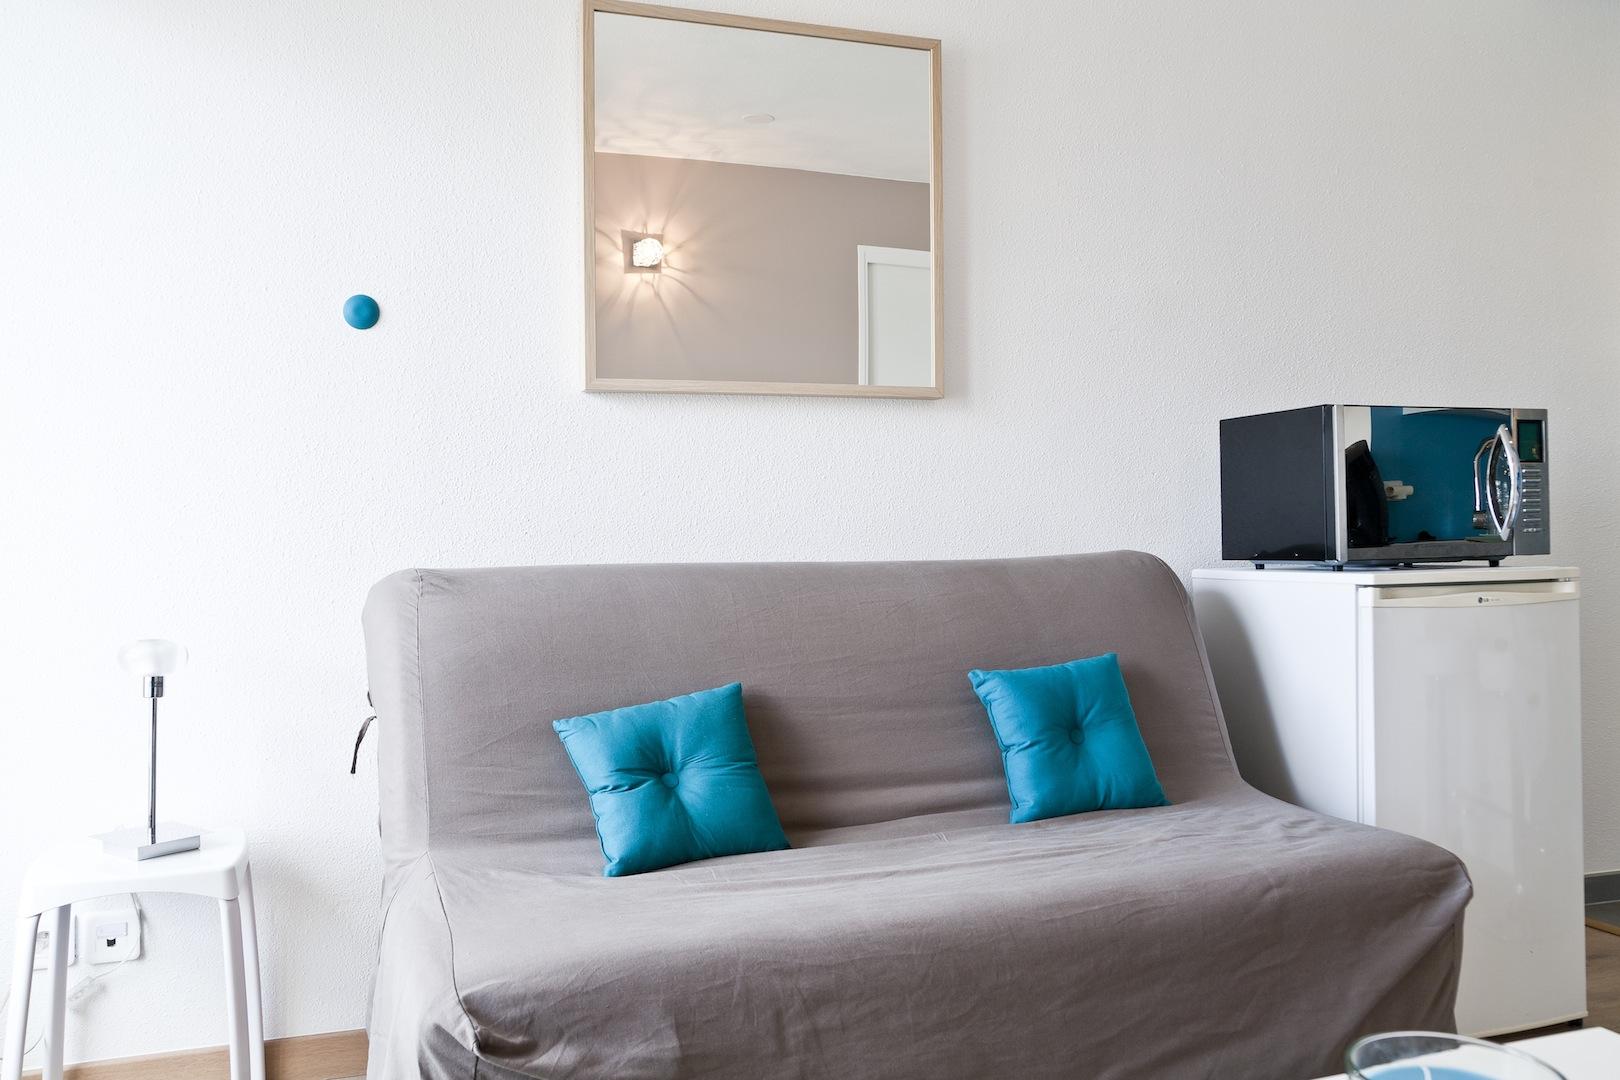 08 appart h tel nantes g te urbain meubl en centre ville de nantes appart h tel nantes. Black Bedroom Furniture Sets. Home Design Ideas